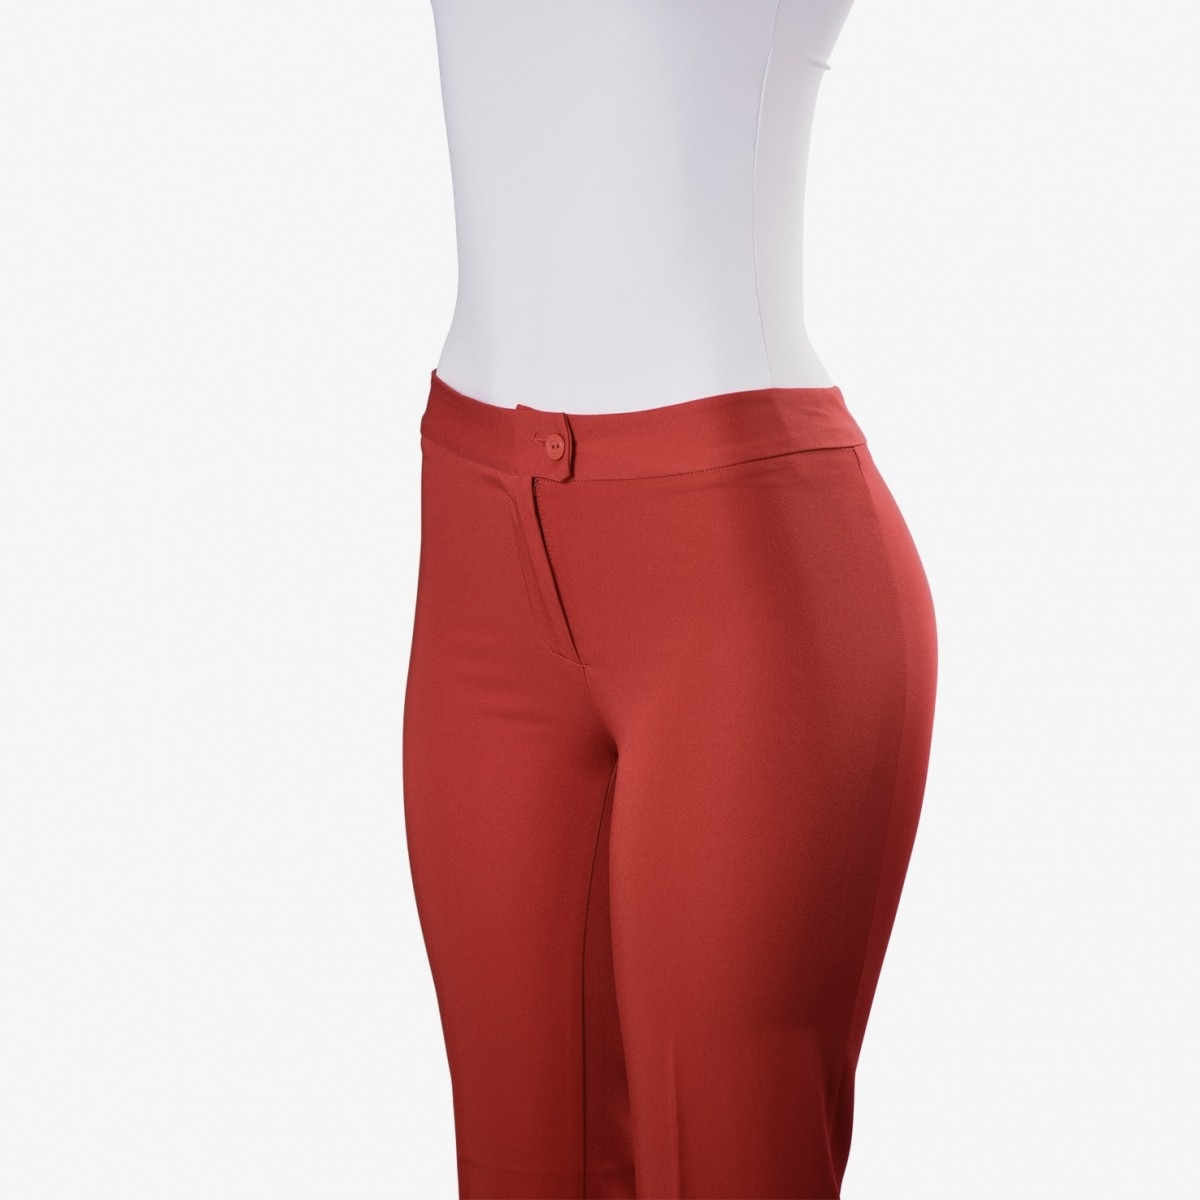 5f9a13e8d Calça Social Feminina Longa - Vermelha - R$ 54,90 em Mercado Livre